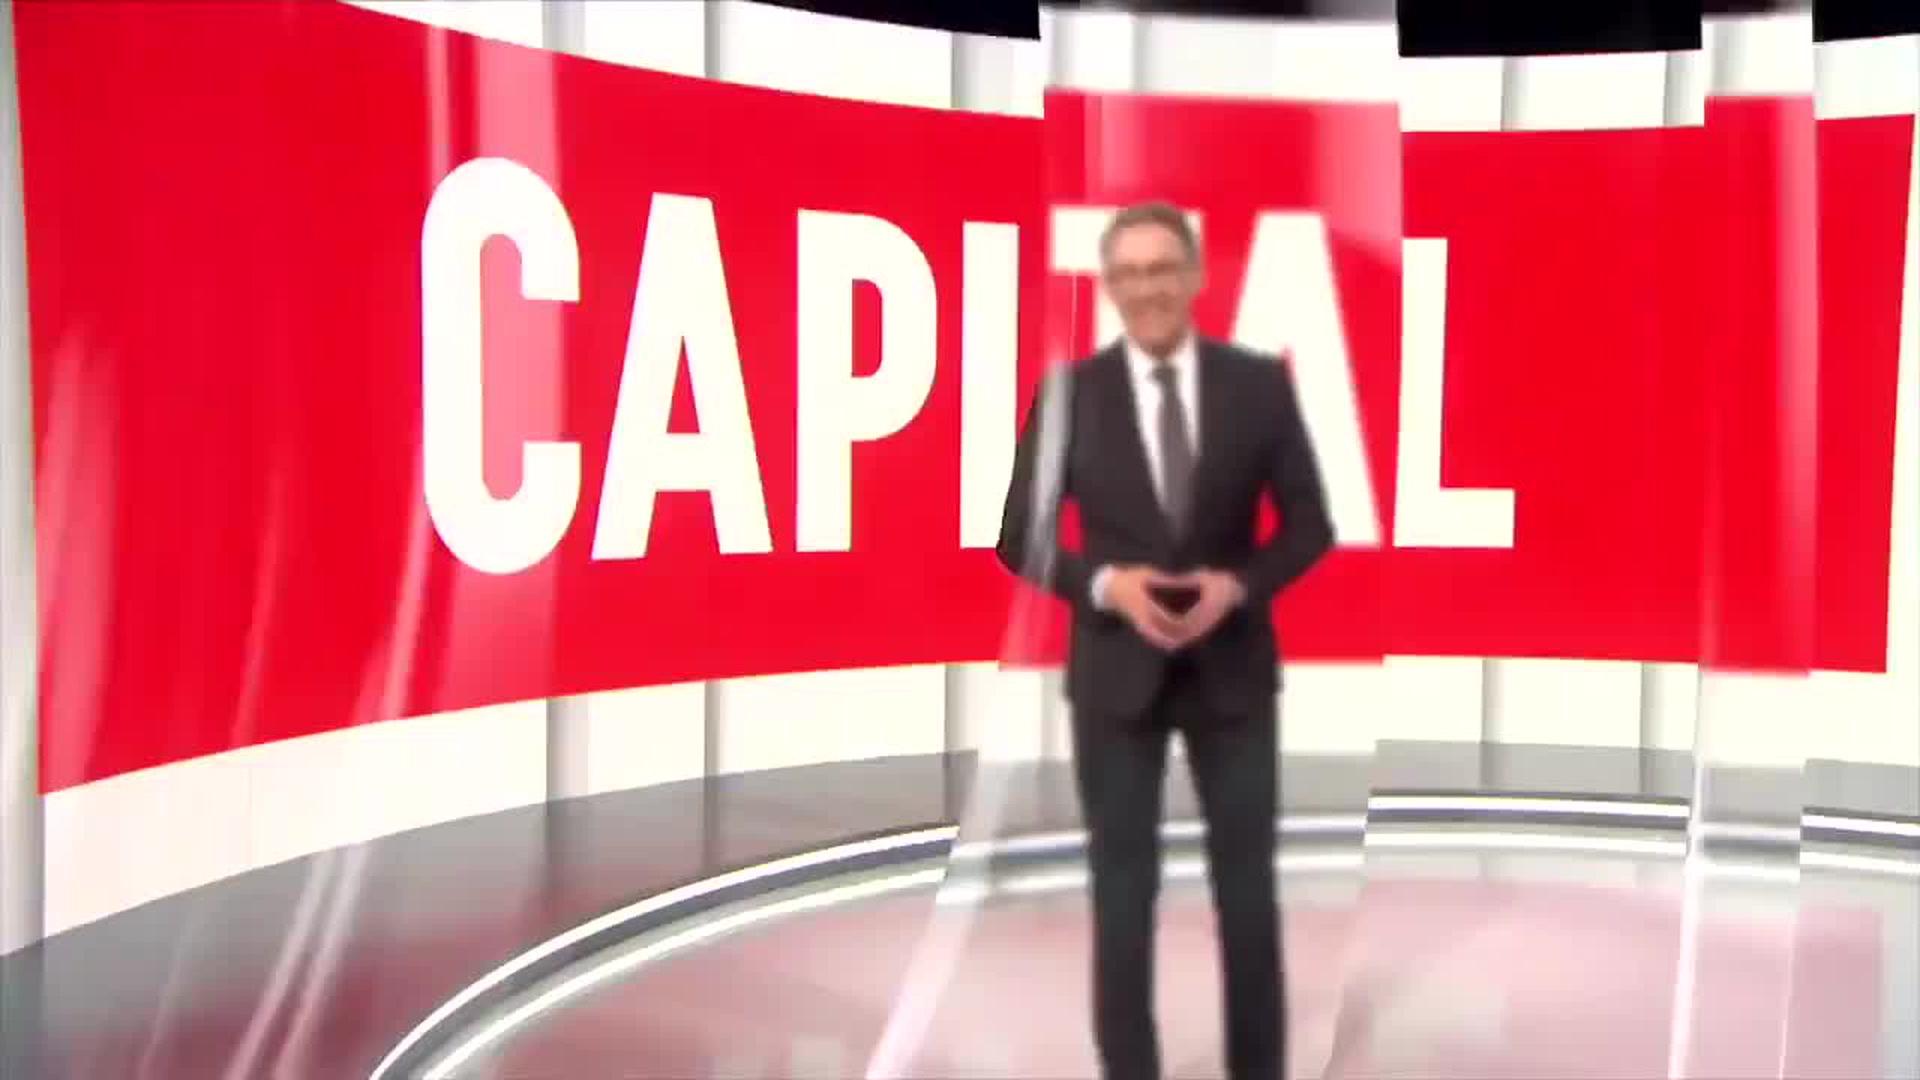 Capital : Internet menace, l'hypermarché contre-attaque : vous ne ferez plus vos courses comme avant